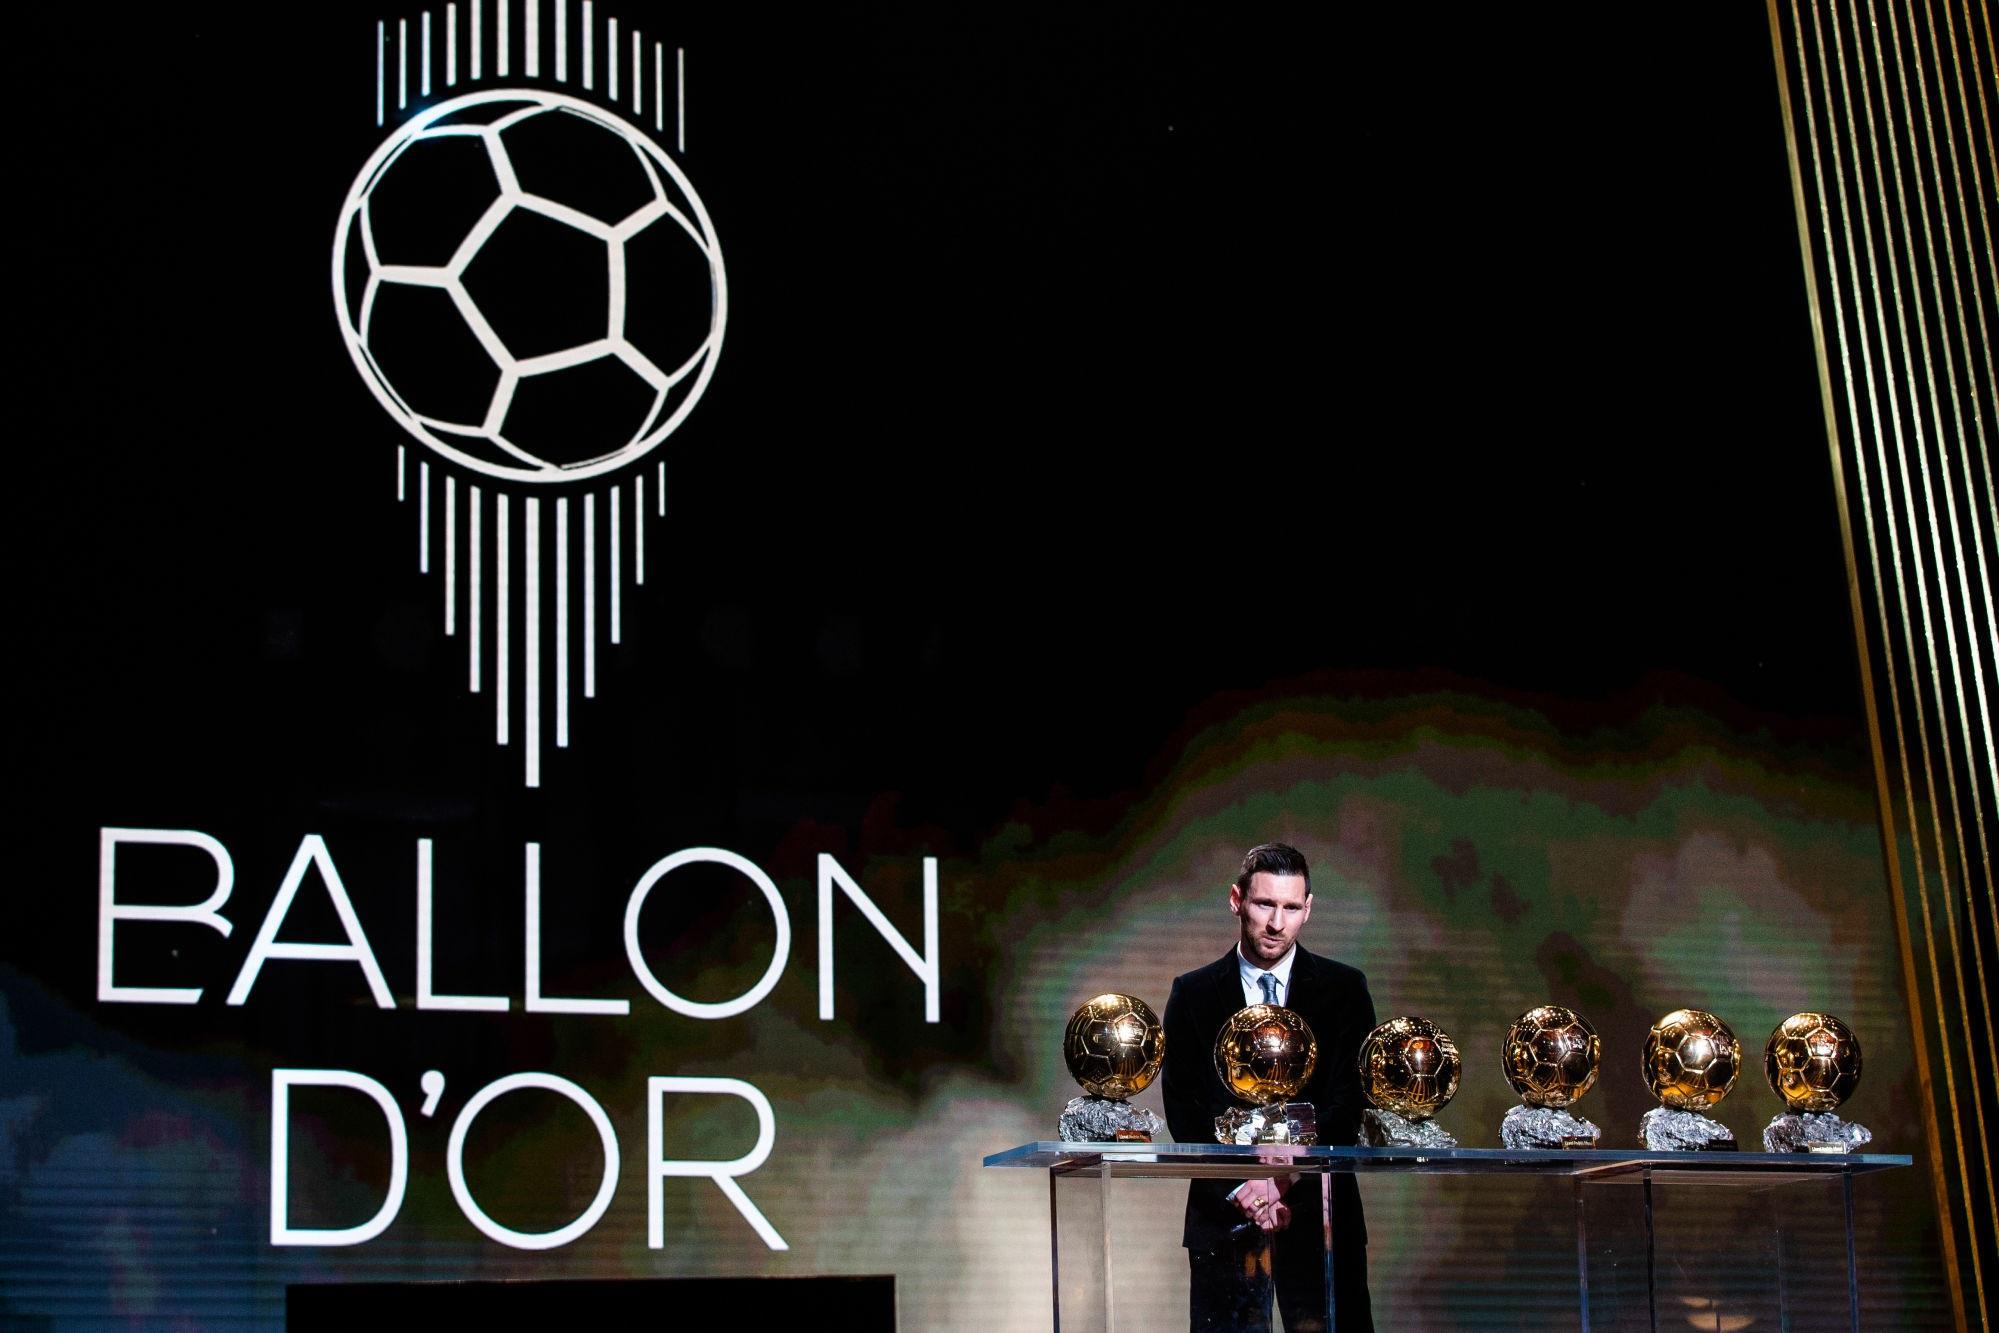 Officiel - Il n'y aura pas de Ballon d'Or 2020, France Football explique pourquoi